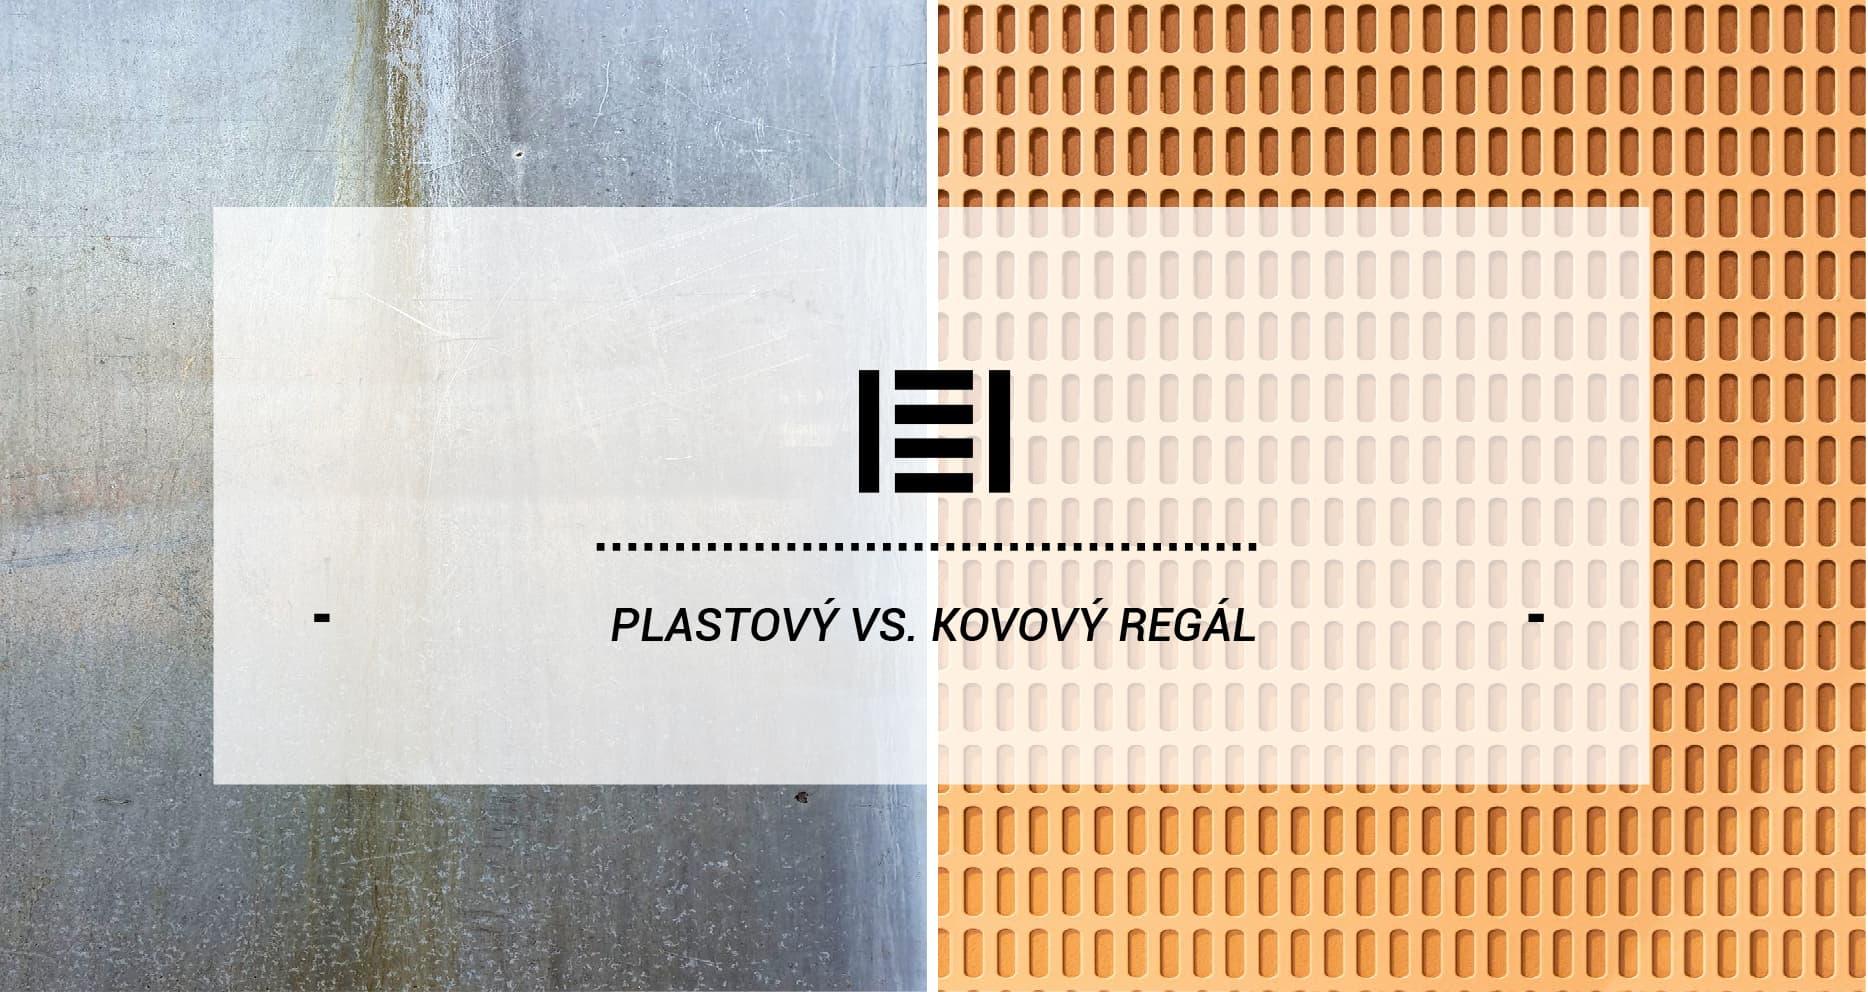 Plastový vs. kovový regál